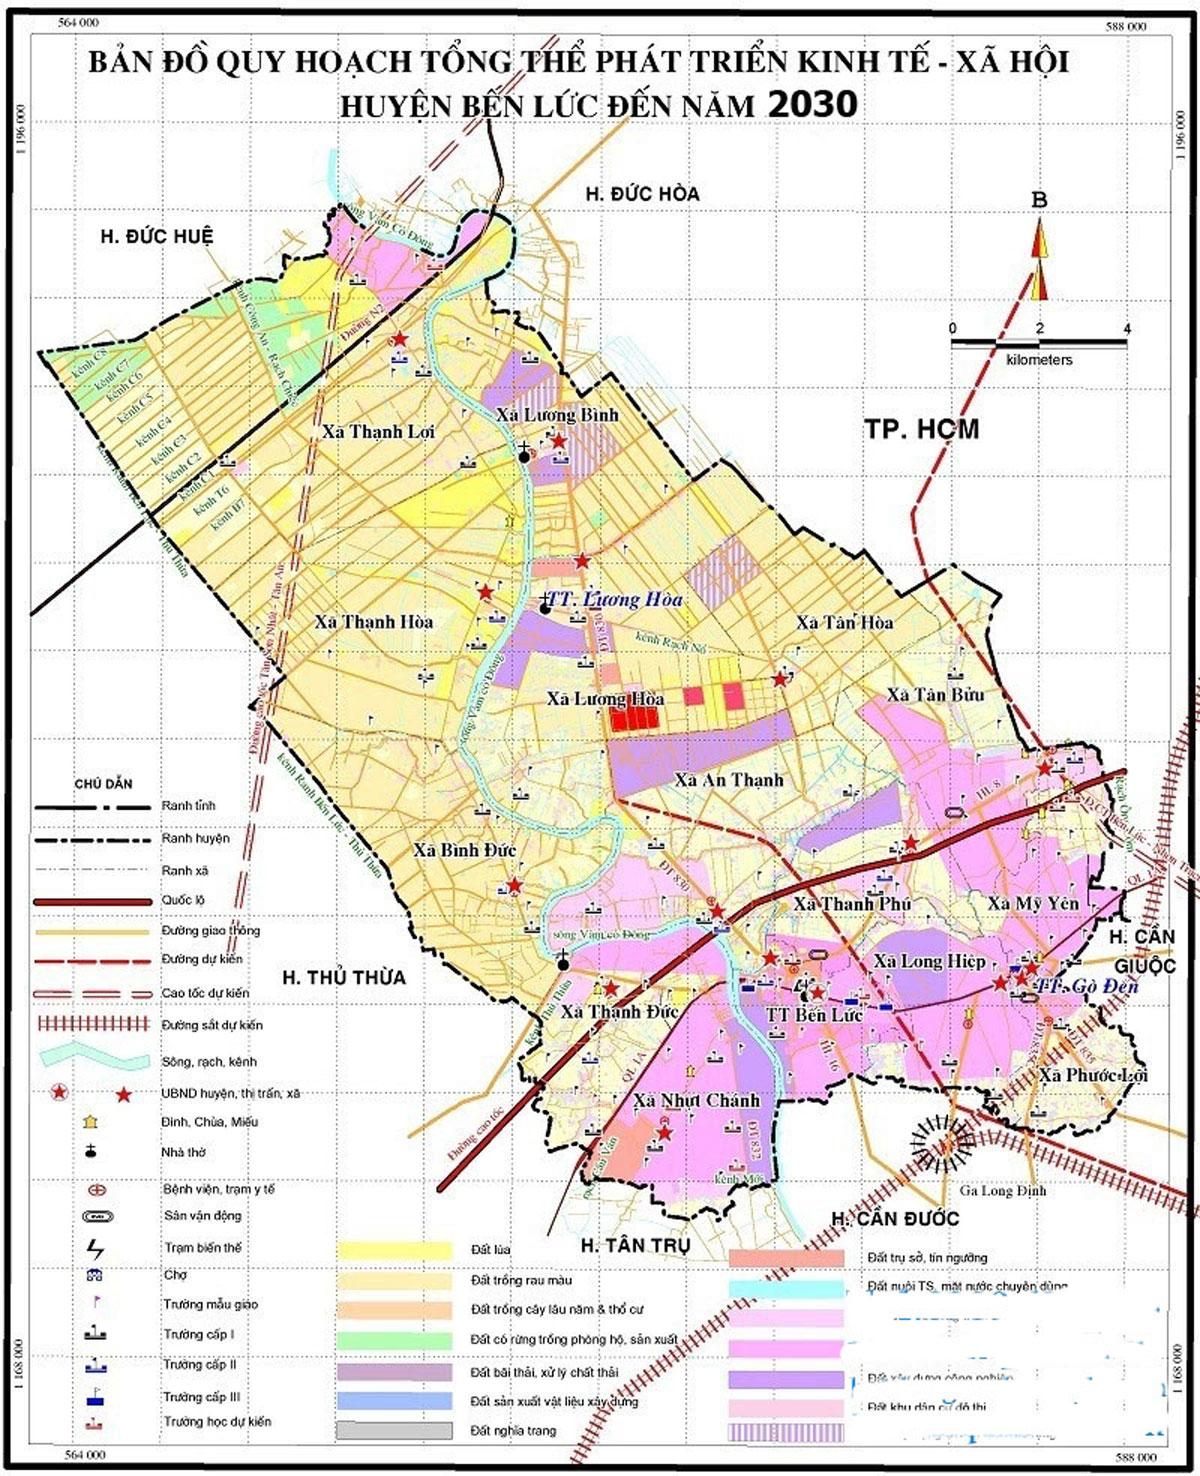 bản đồ quy hoạch huyện bến lức